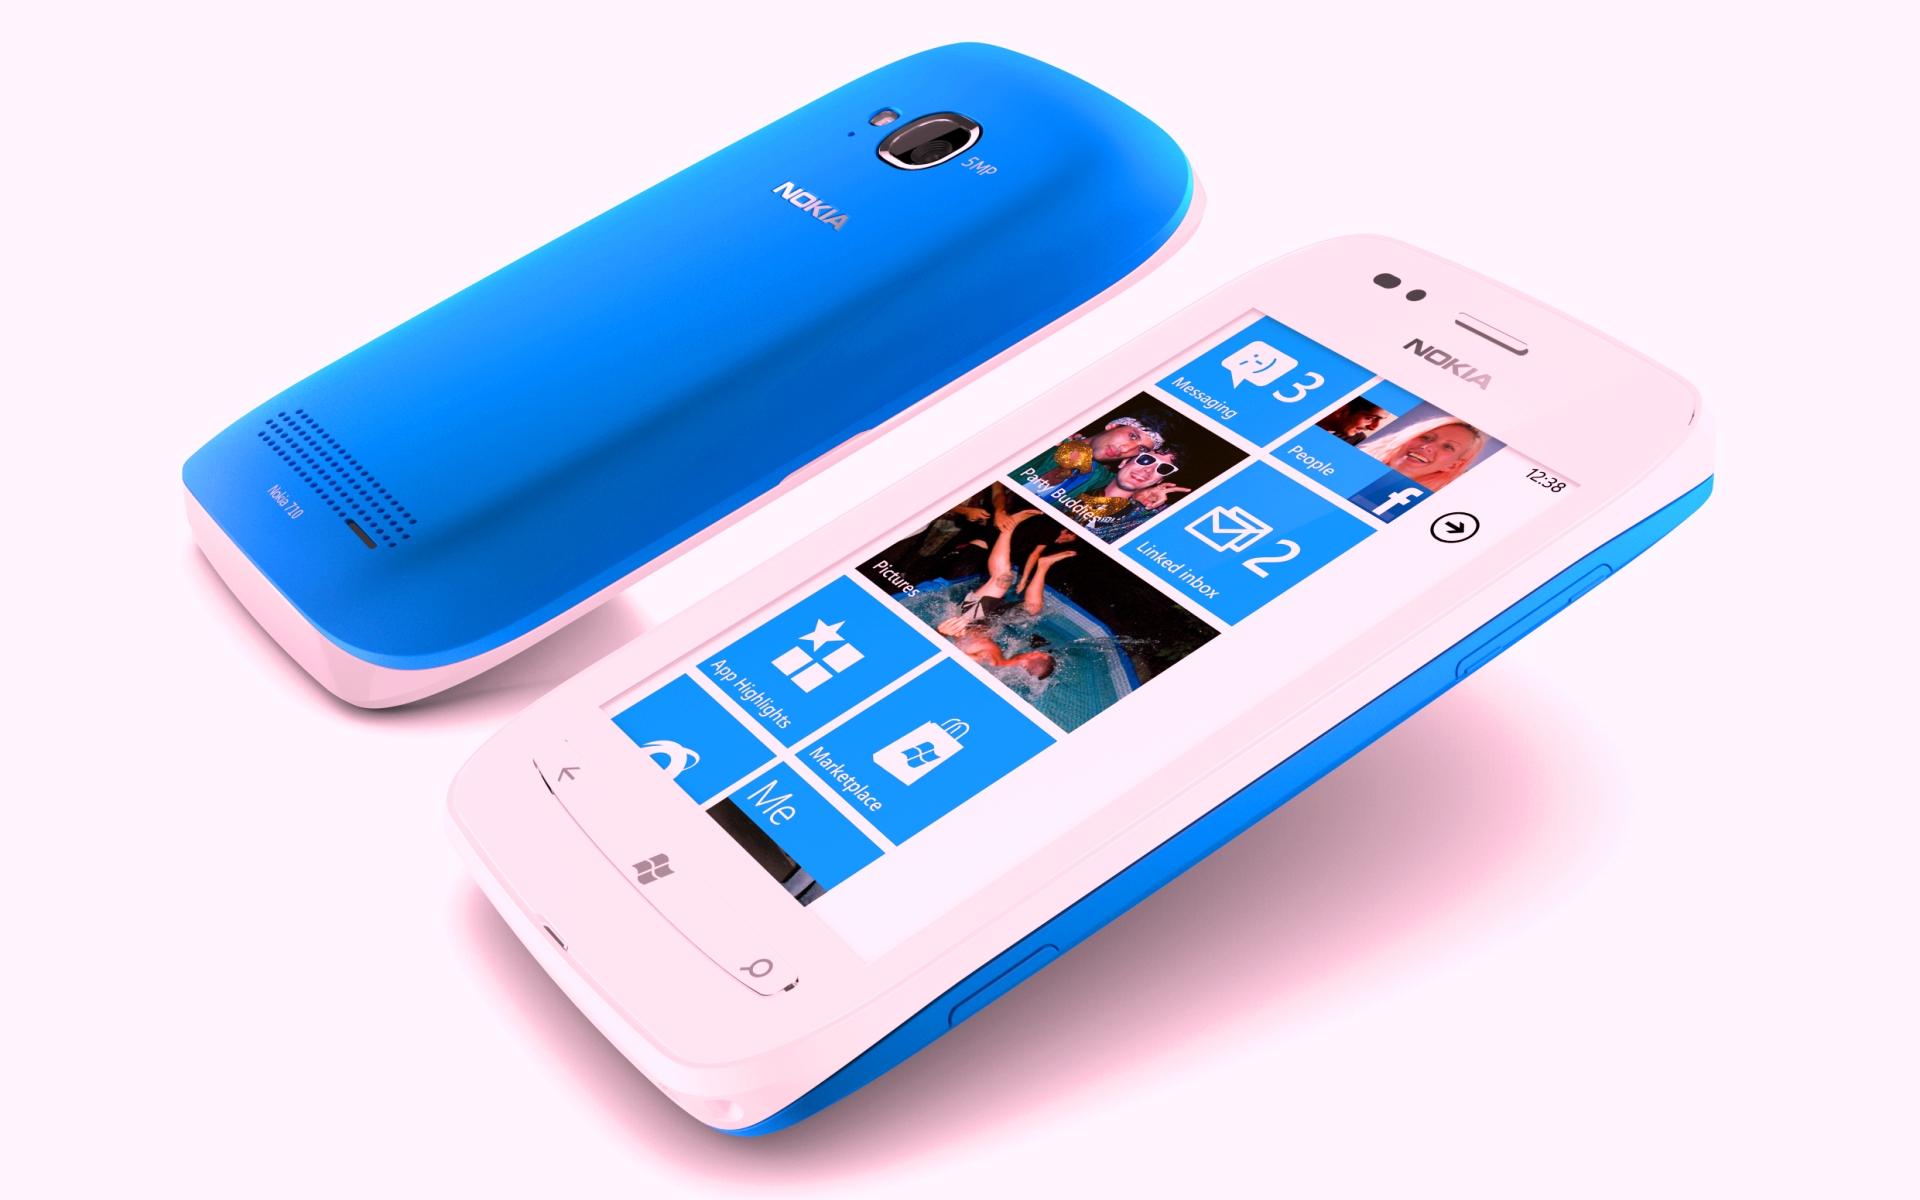 скачать фильмы на nokia lumia 710